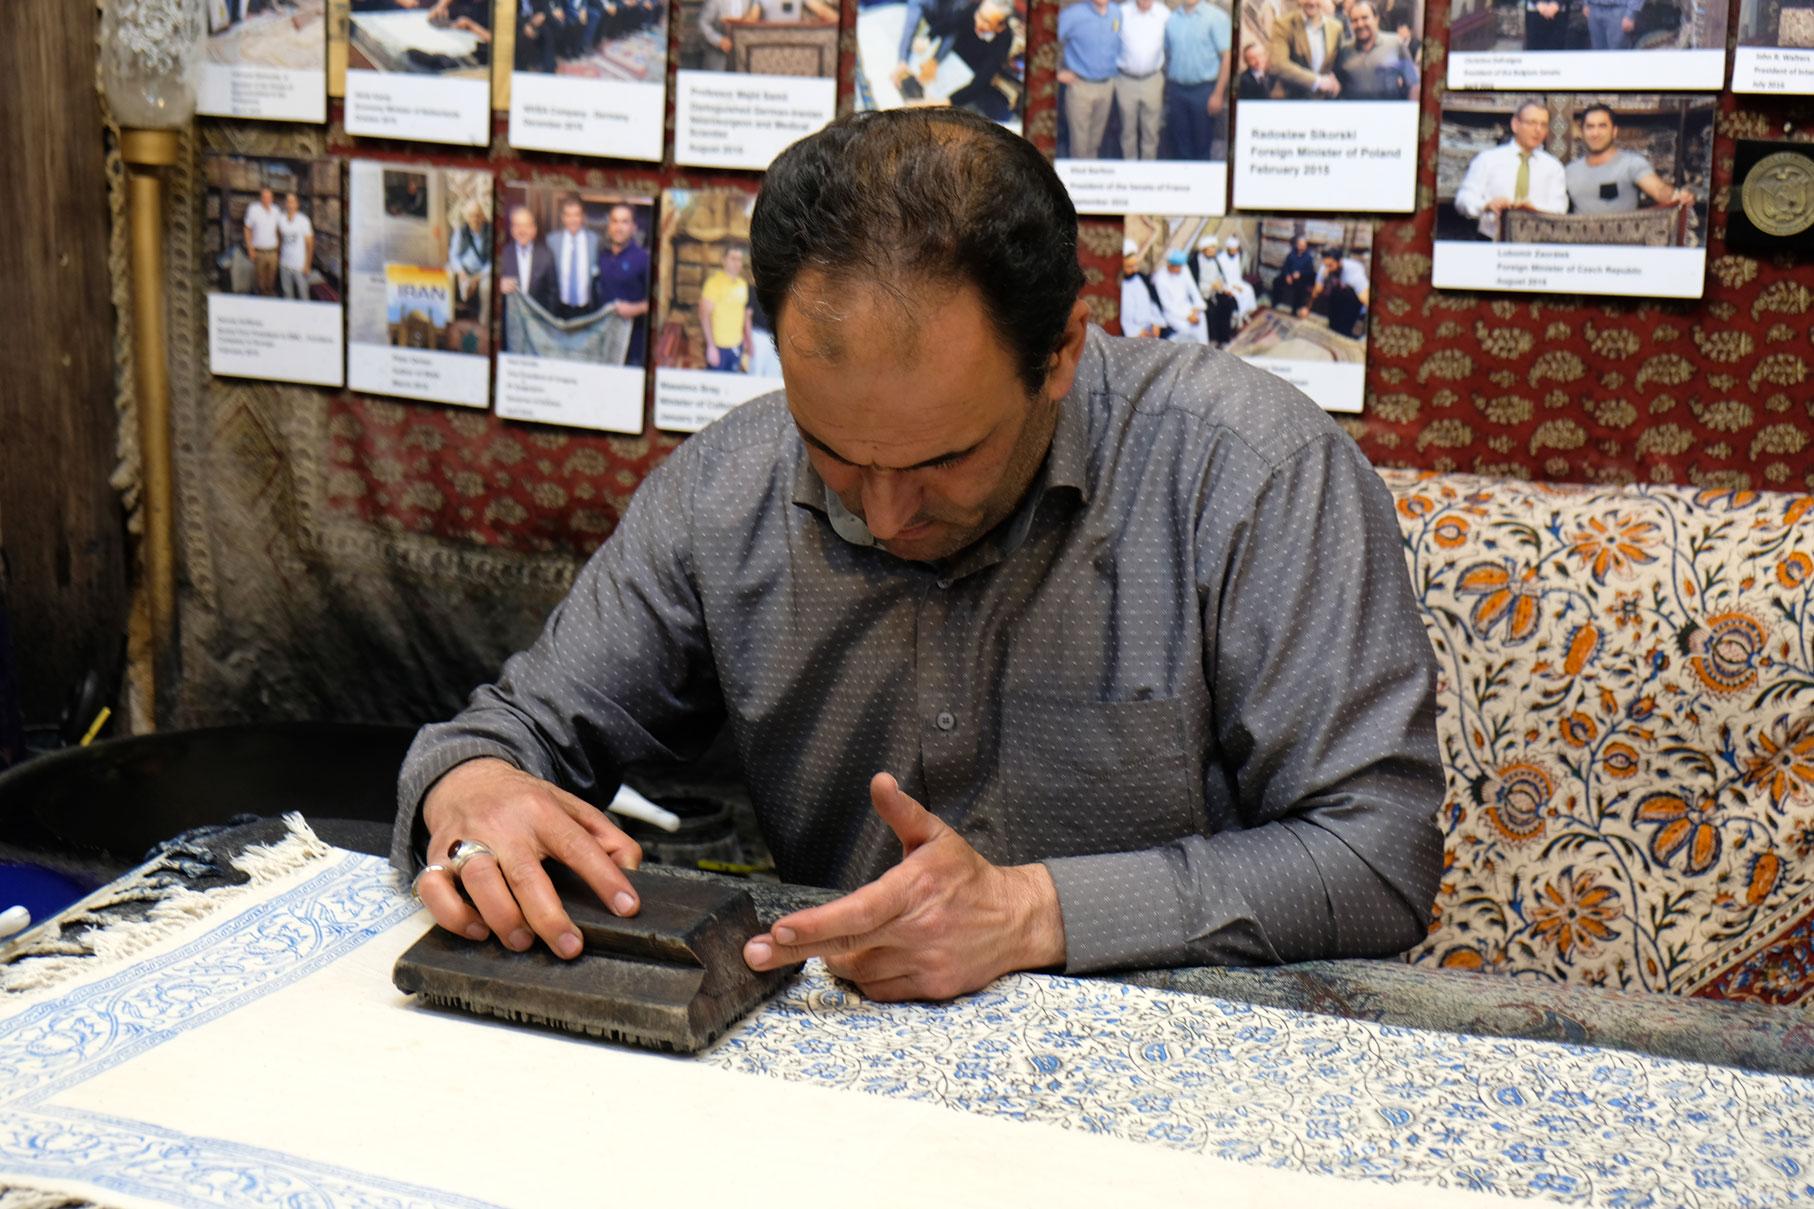 Mit alten Holzstempeln werden die Tücher von Hand bedruckt. Im Hintergrund sind die Fotos der Promis aufgehängt.